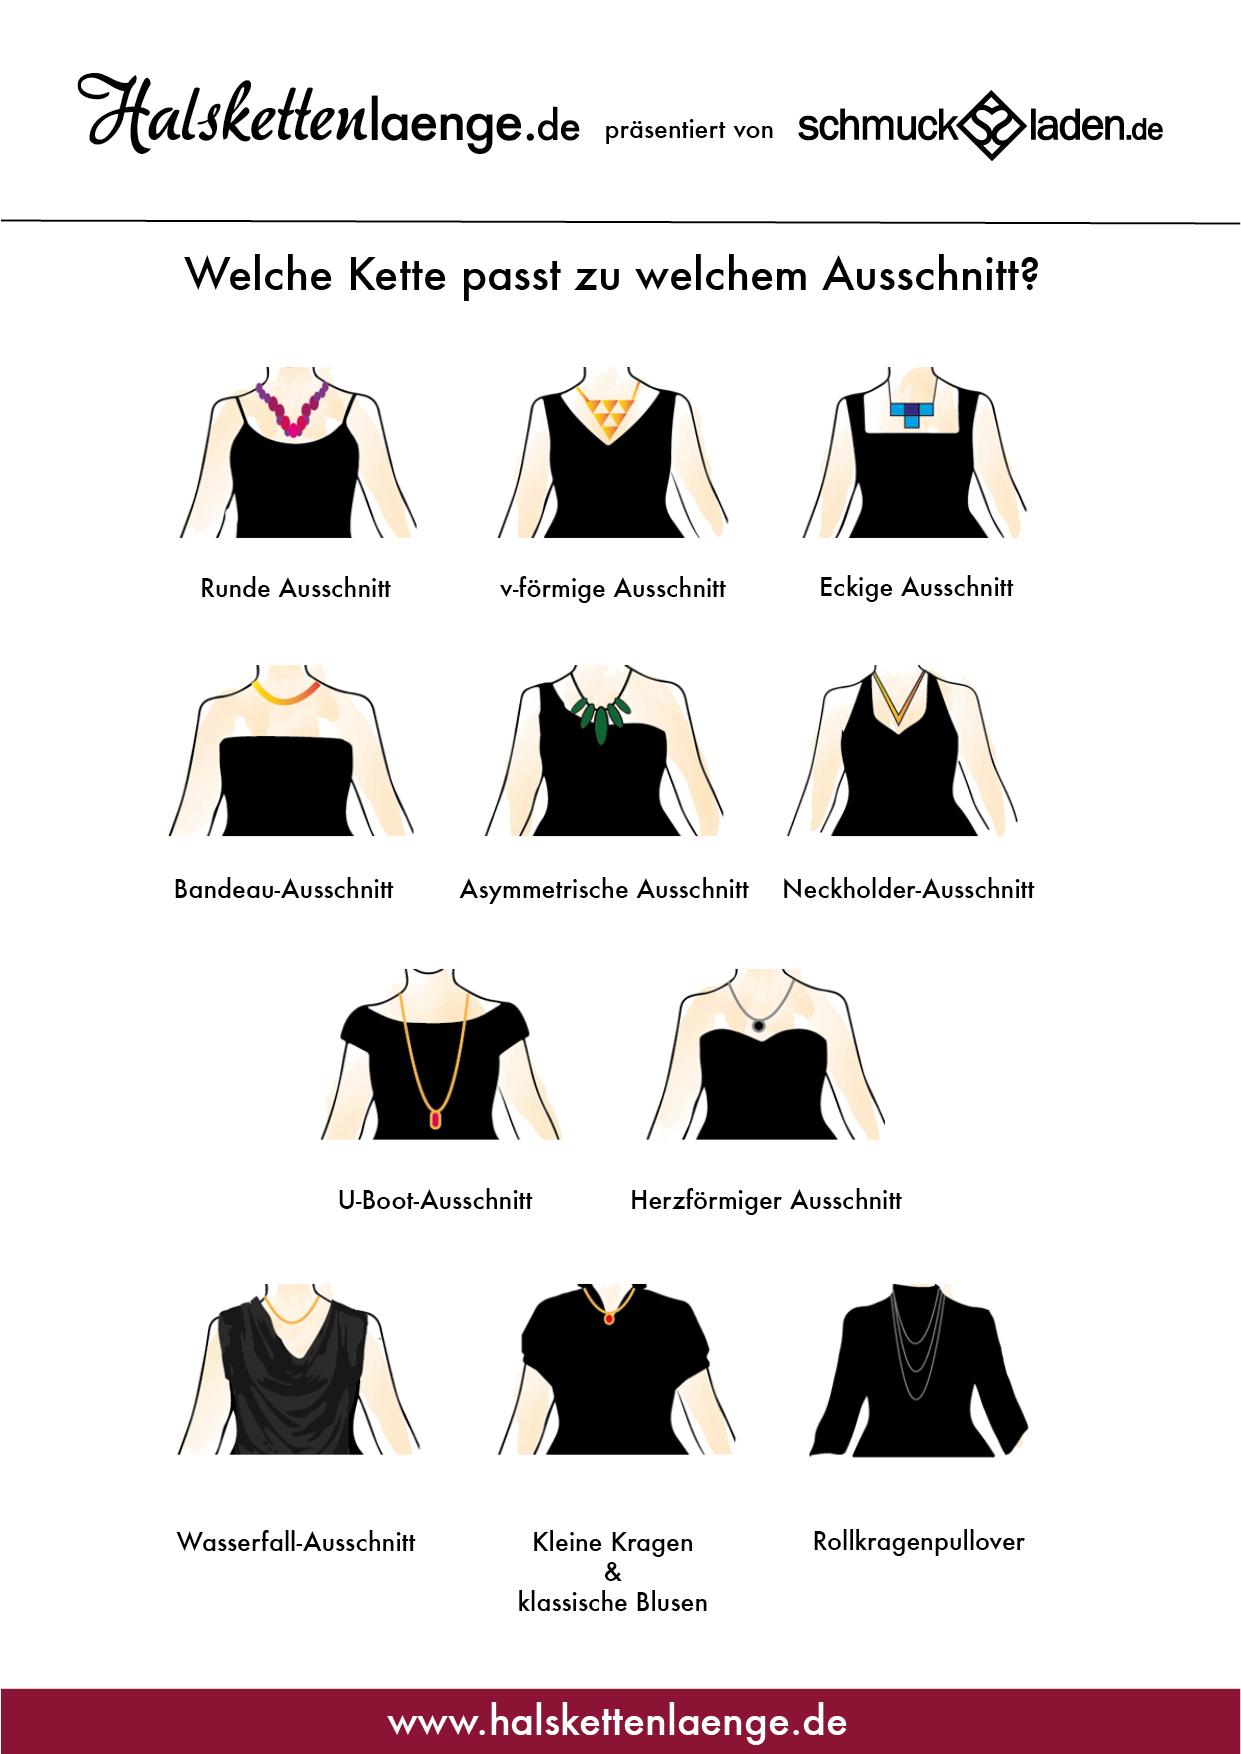 Brautschmuck neckholder  Welche Kette passt zu welchem Ausschnitt? Halskettenlänge